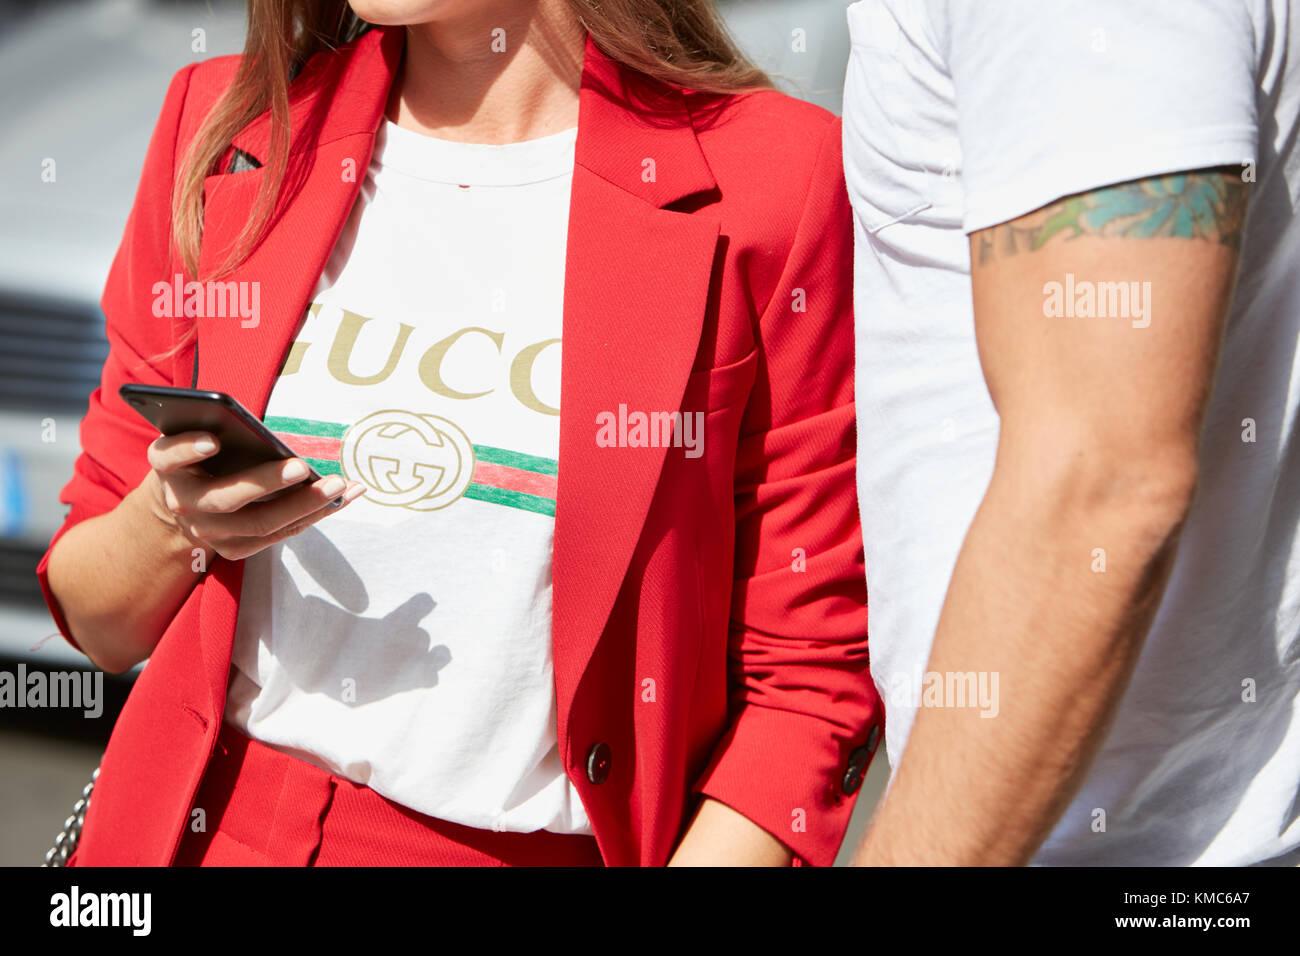 Milán - 23 de septiembre  mujer con chaqueta roja y camisa gucci mirando  smartphone antes b3b15a74a80